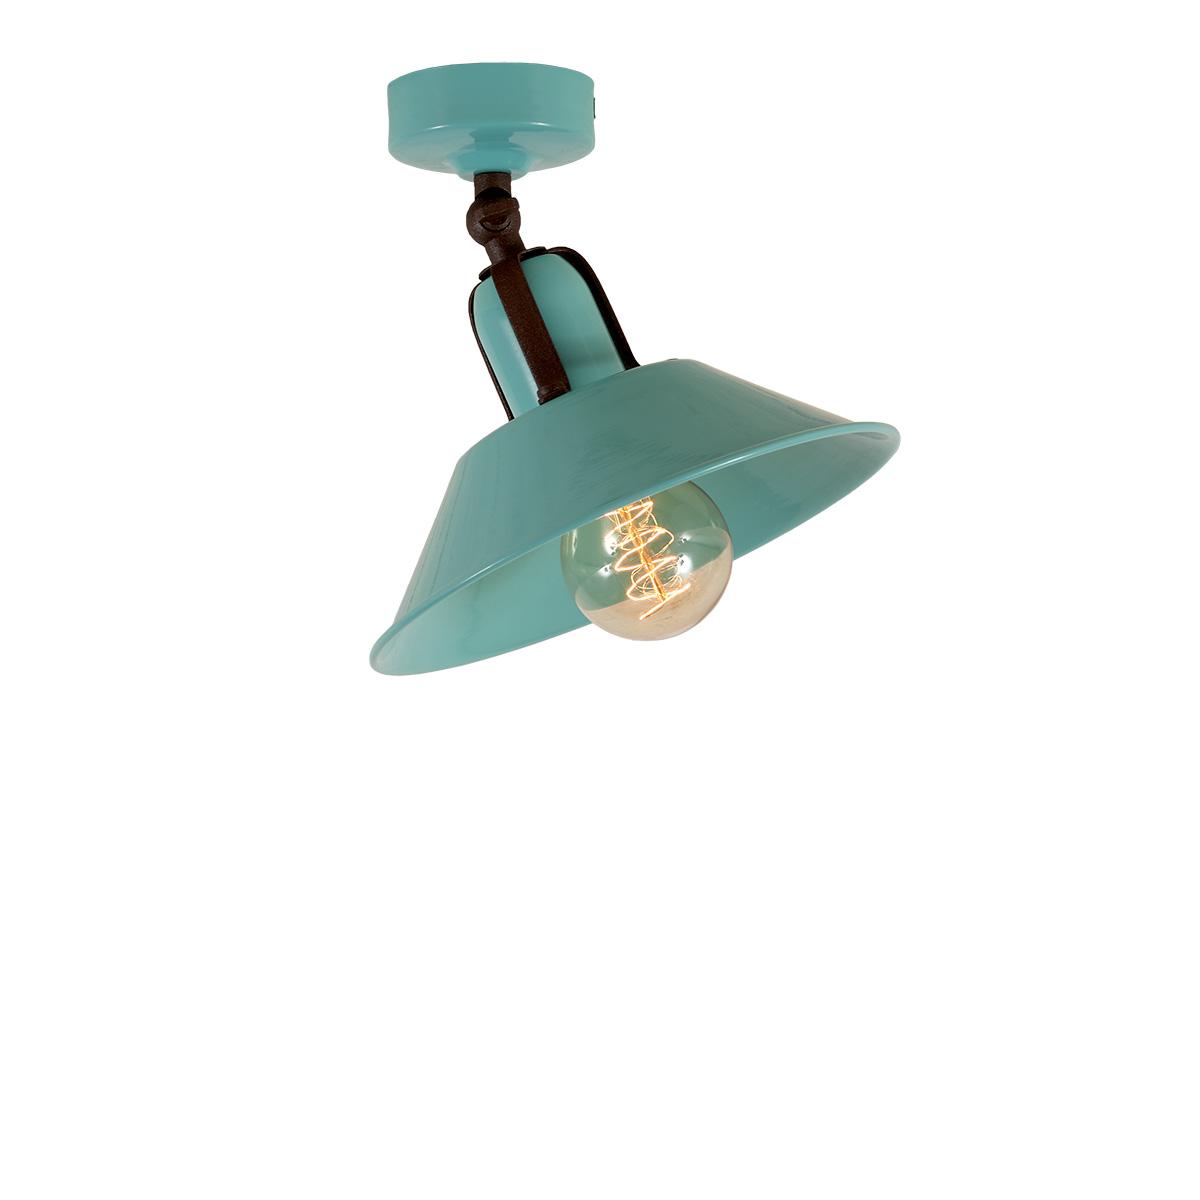 Φωτιστικό οροφής σπαστό βεραμάν ΜΗΛΟΣ retro ceiling lamp pastel turquoise